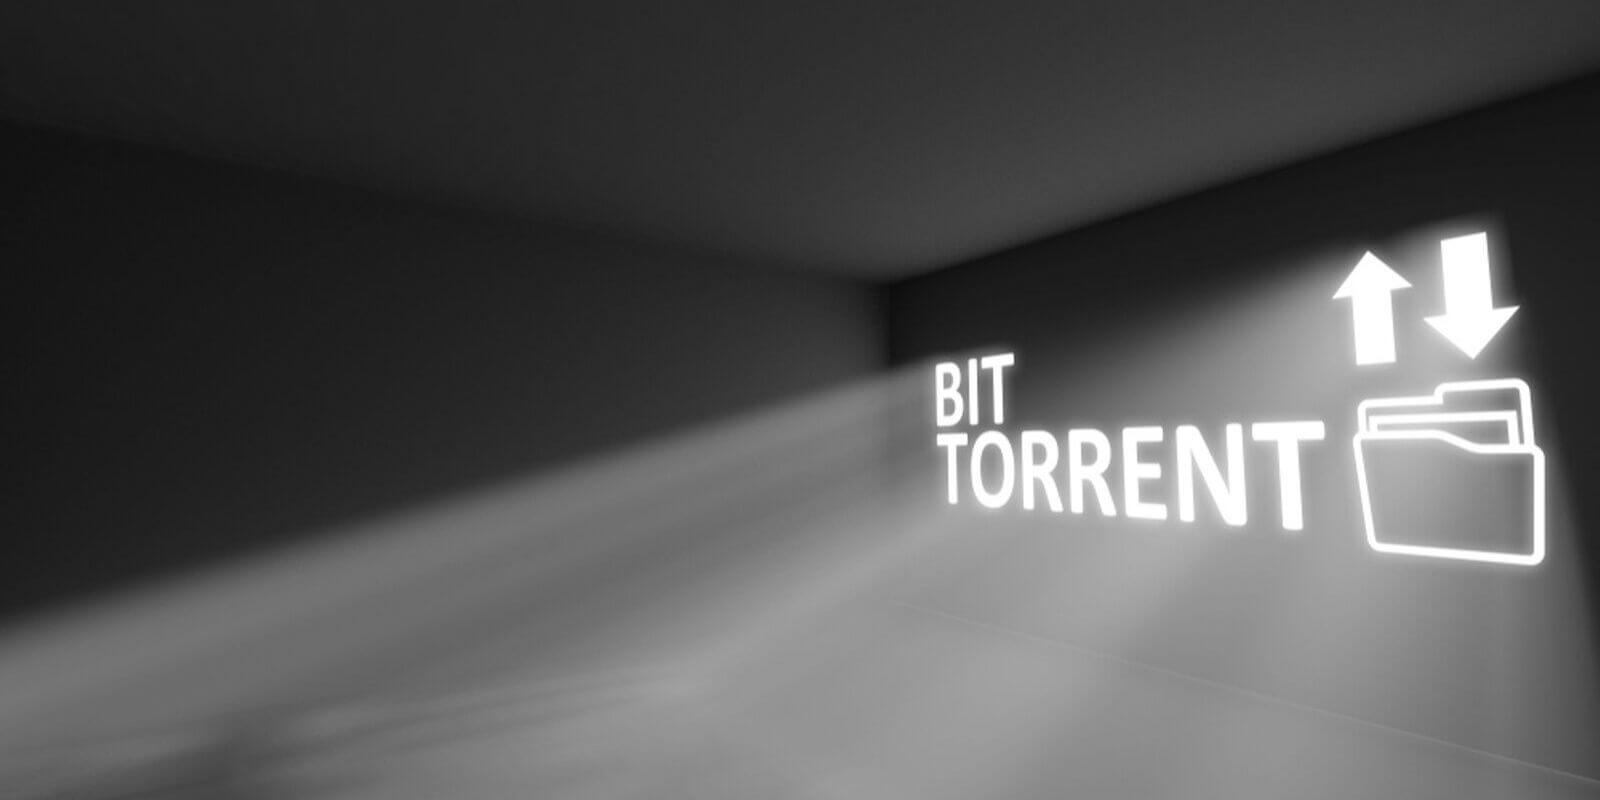 BitTorrent lance le mainnet de BTFS, une plateforme de partage de fichiers décentralisée